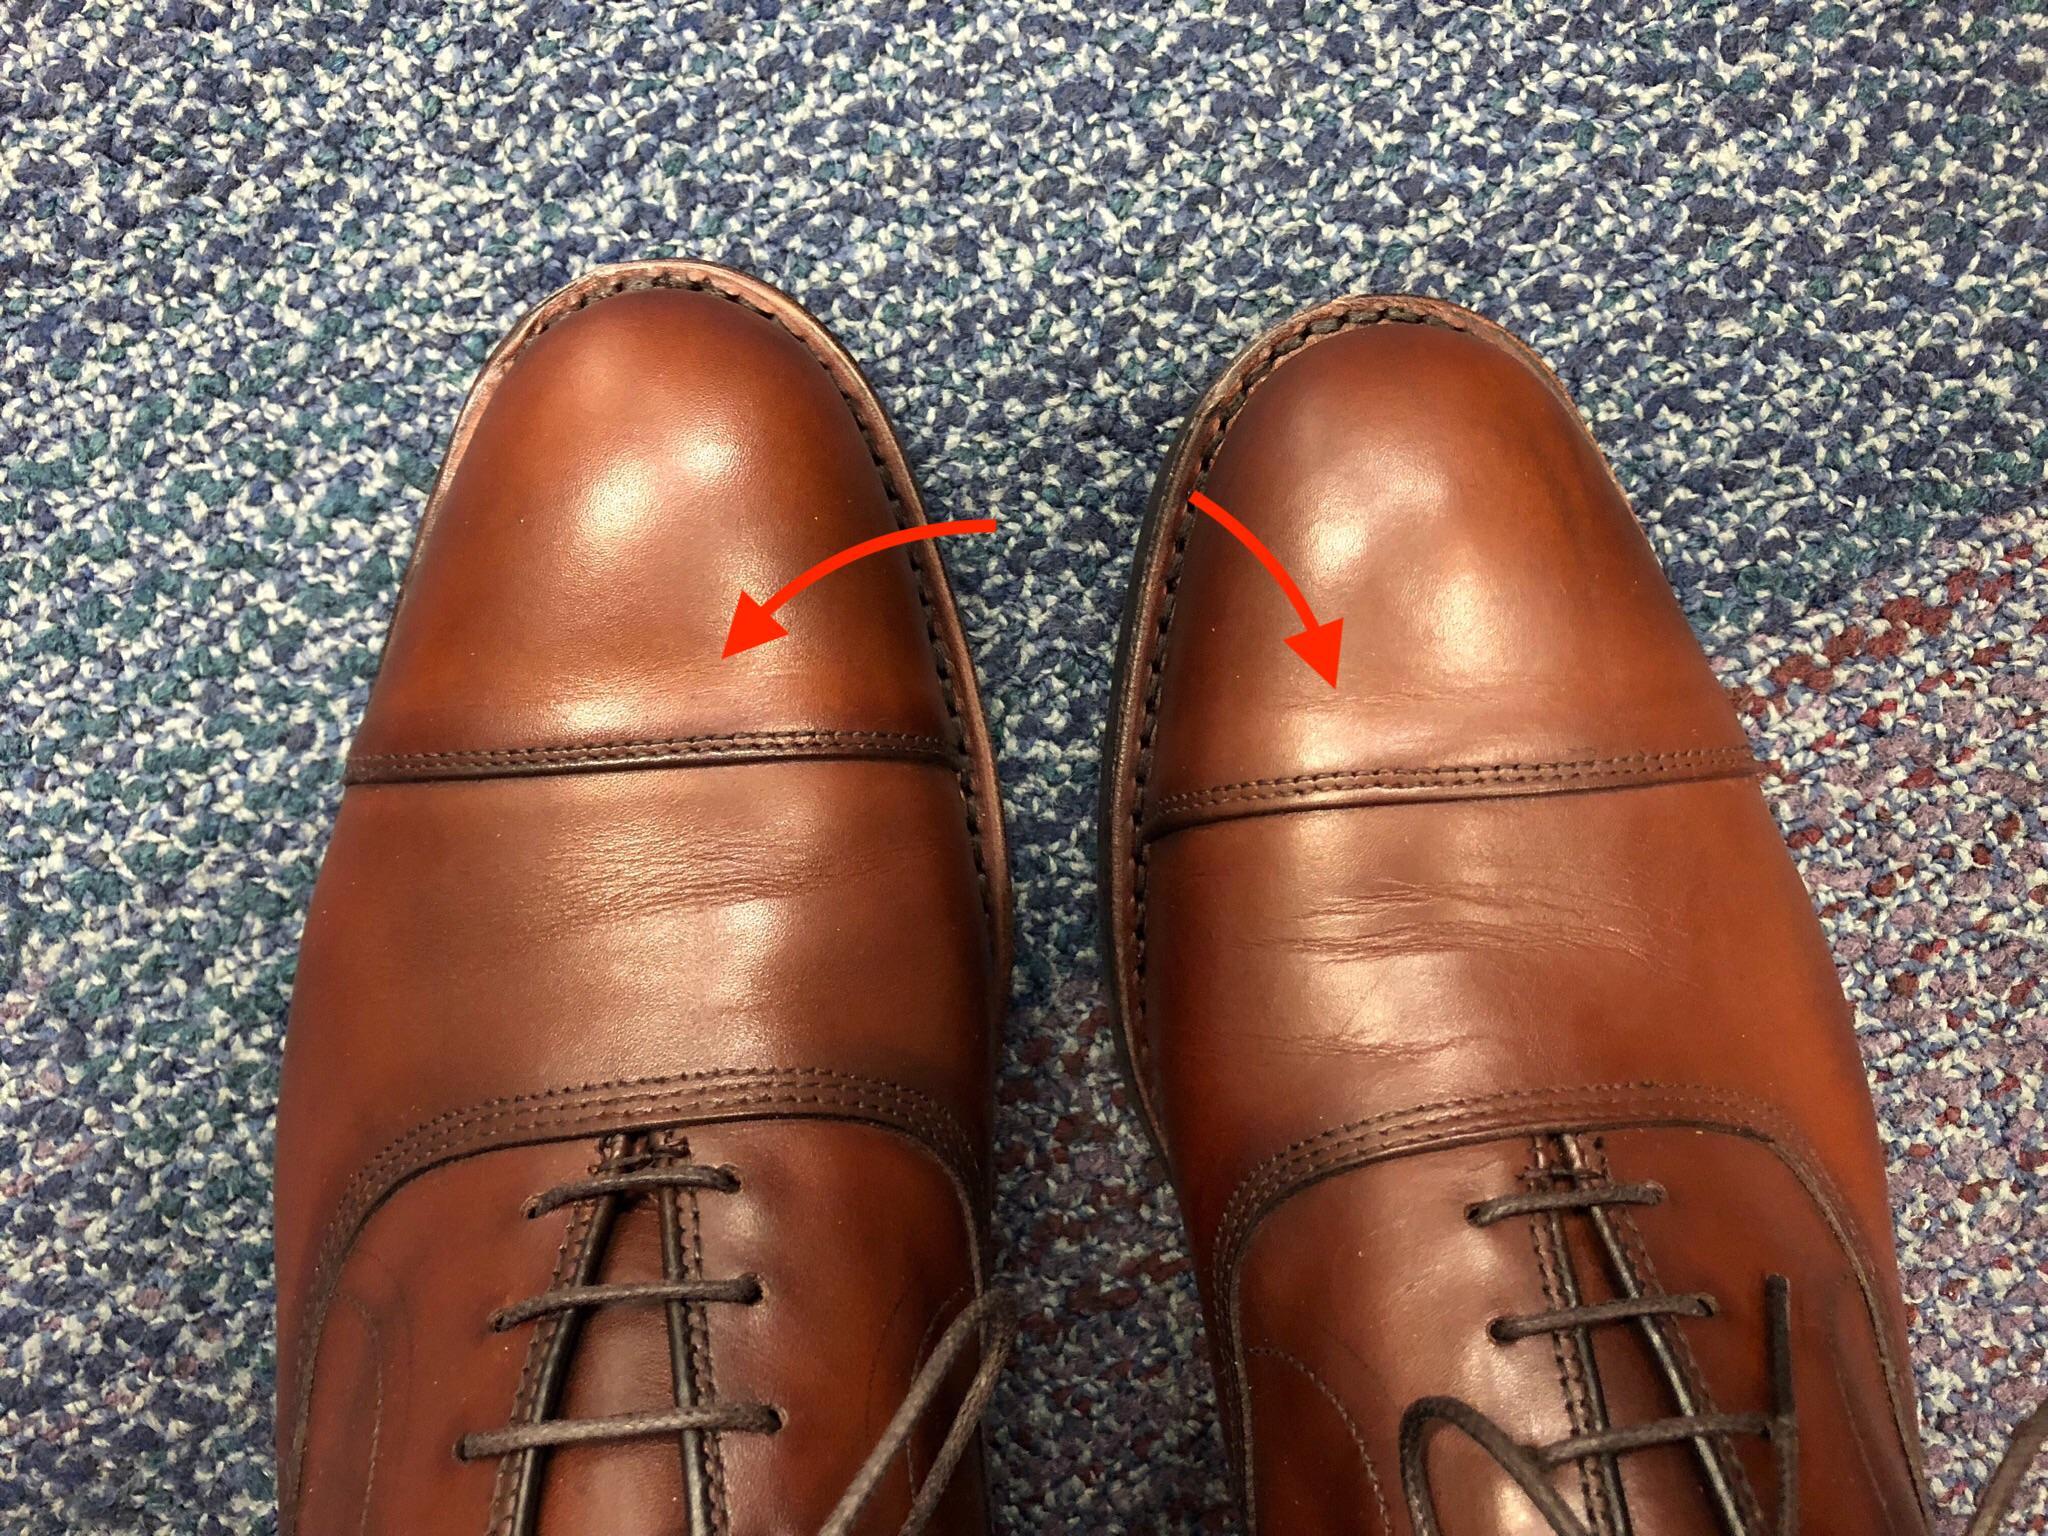 Des plis qu'il est assez commun de voir sur beaucoup de souliers et qu'il est pratiquement impossible à anticiper sans expérience. (Source : Styleforum)